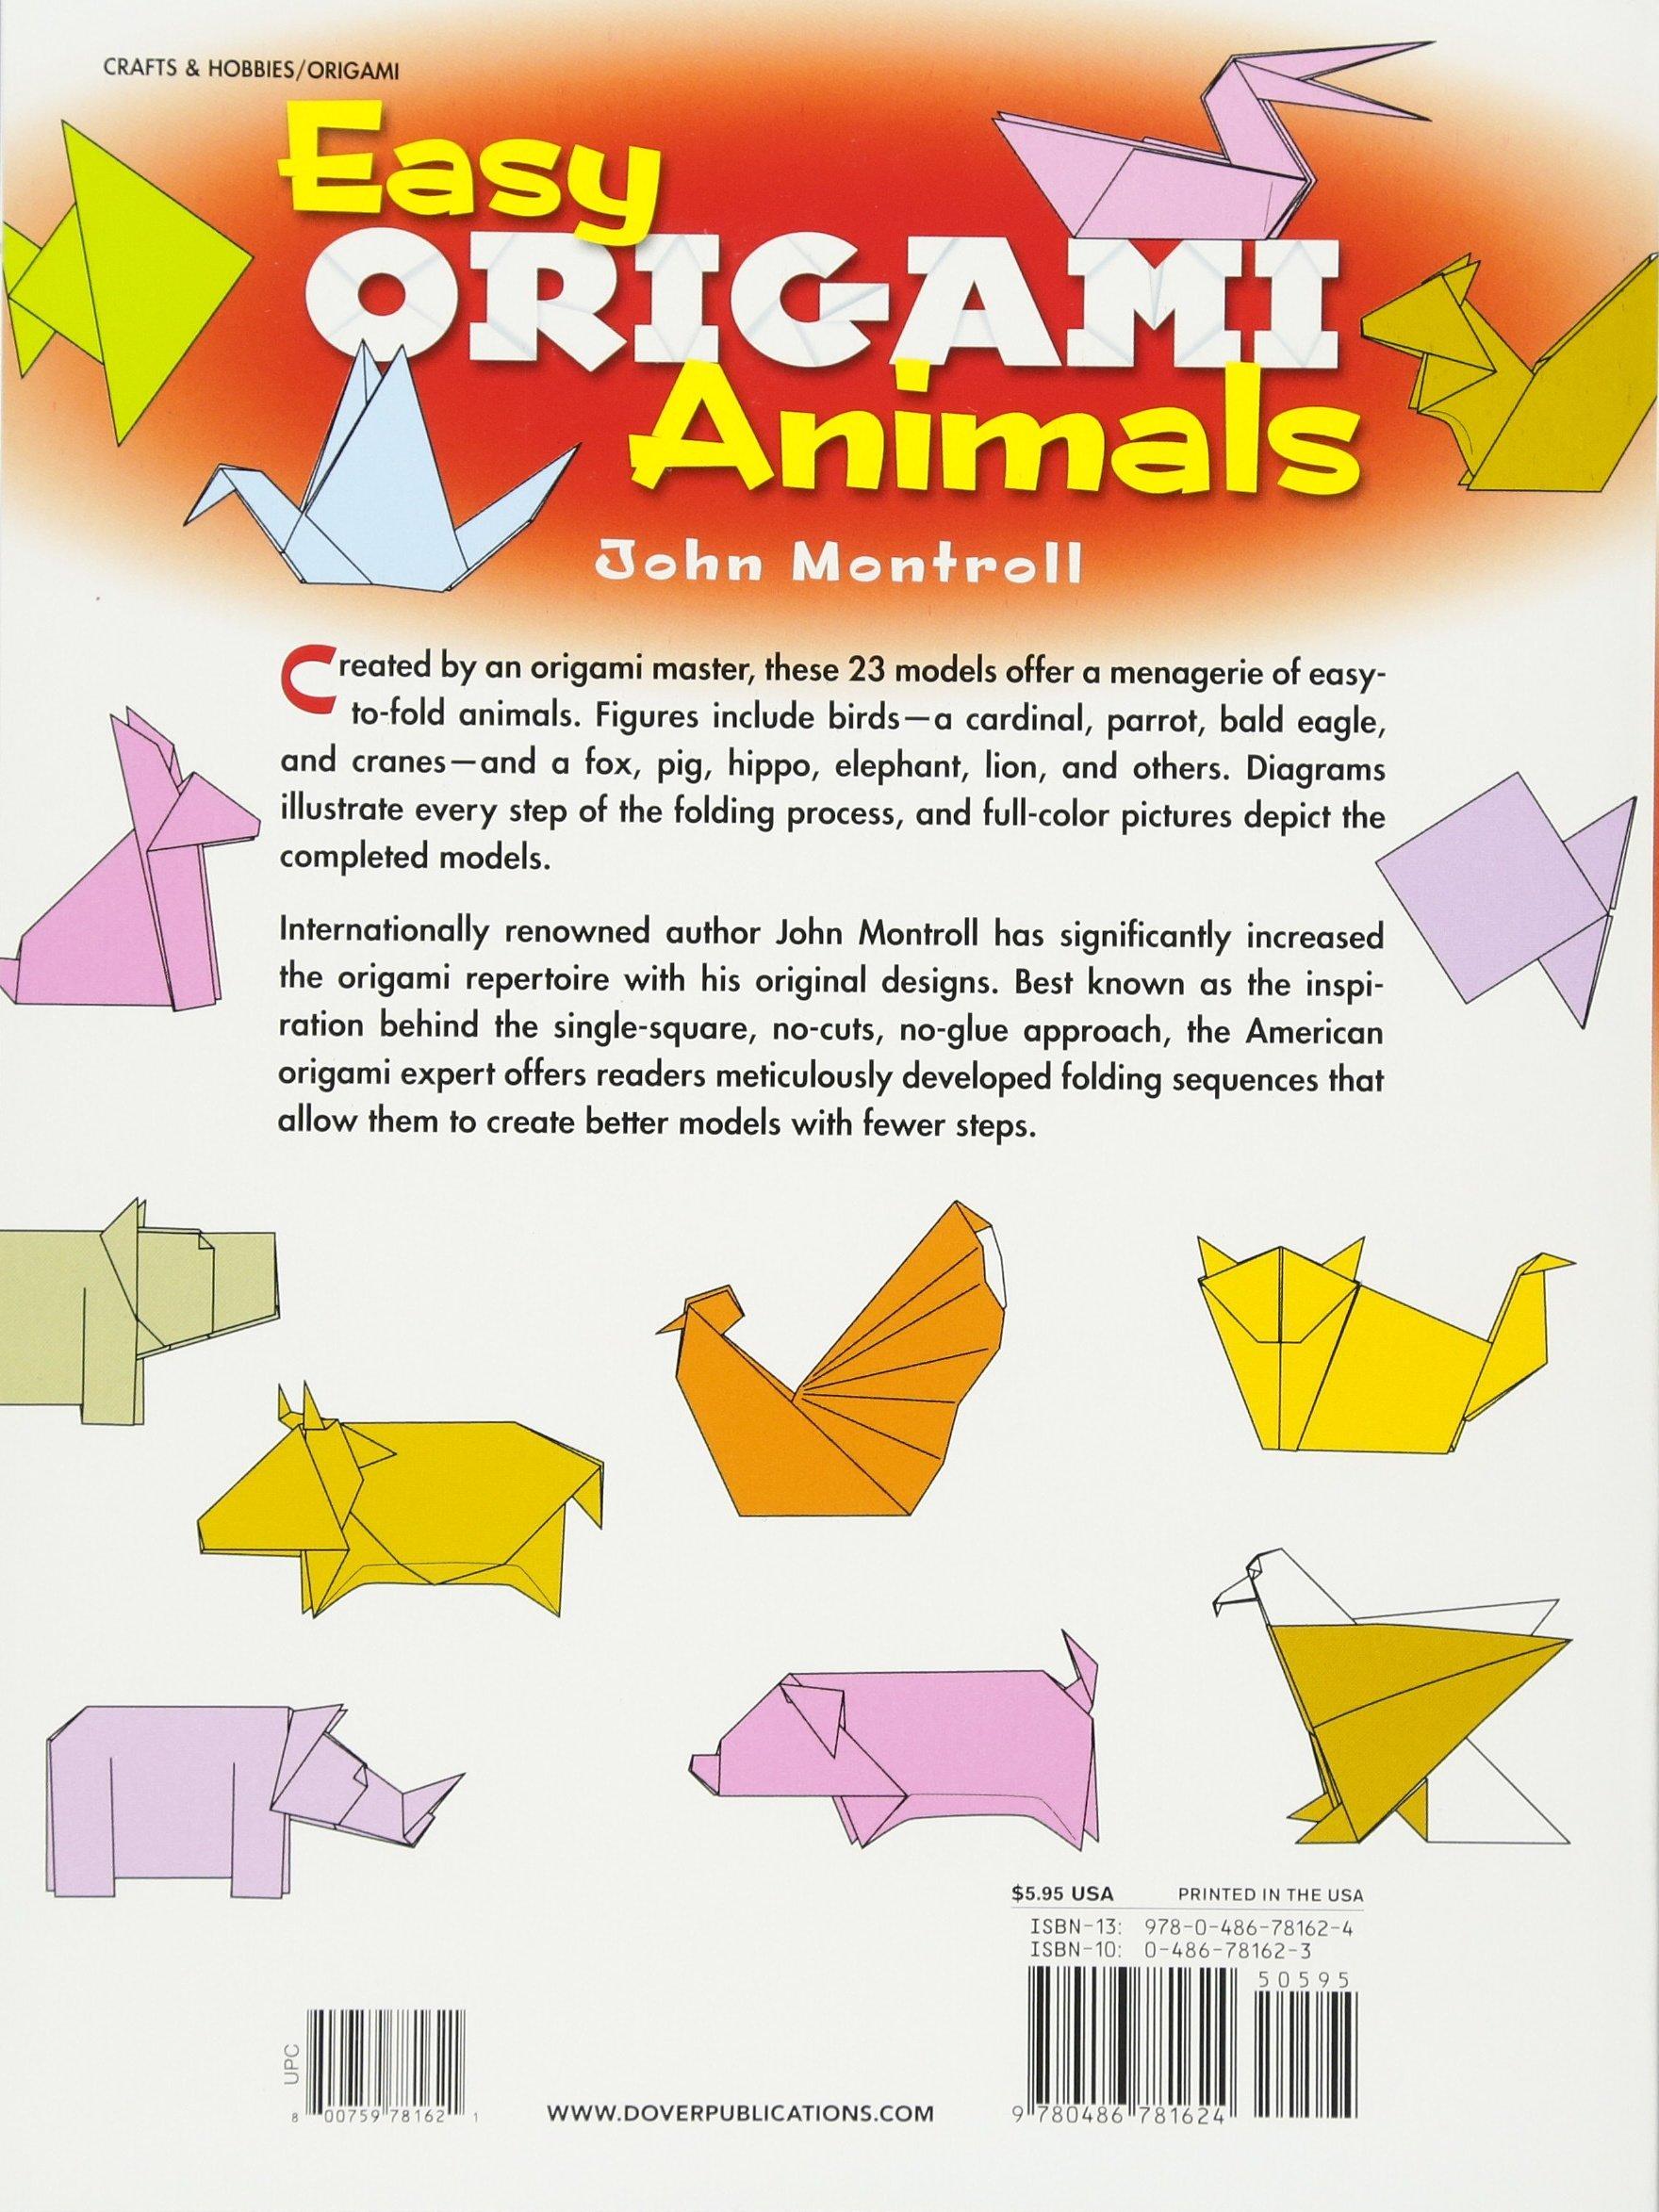 Easy origami animals john montroll 0800759781621 amazon books jeuxipadfo Images